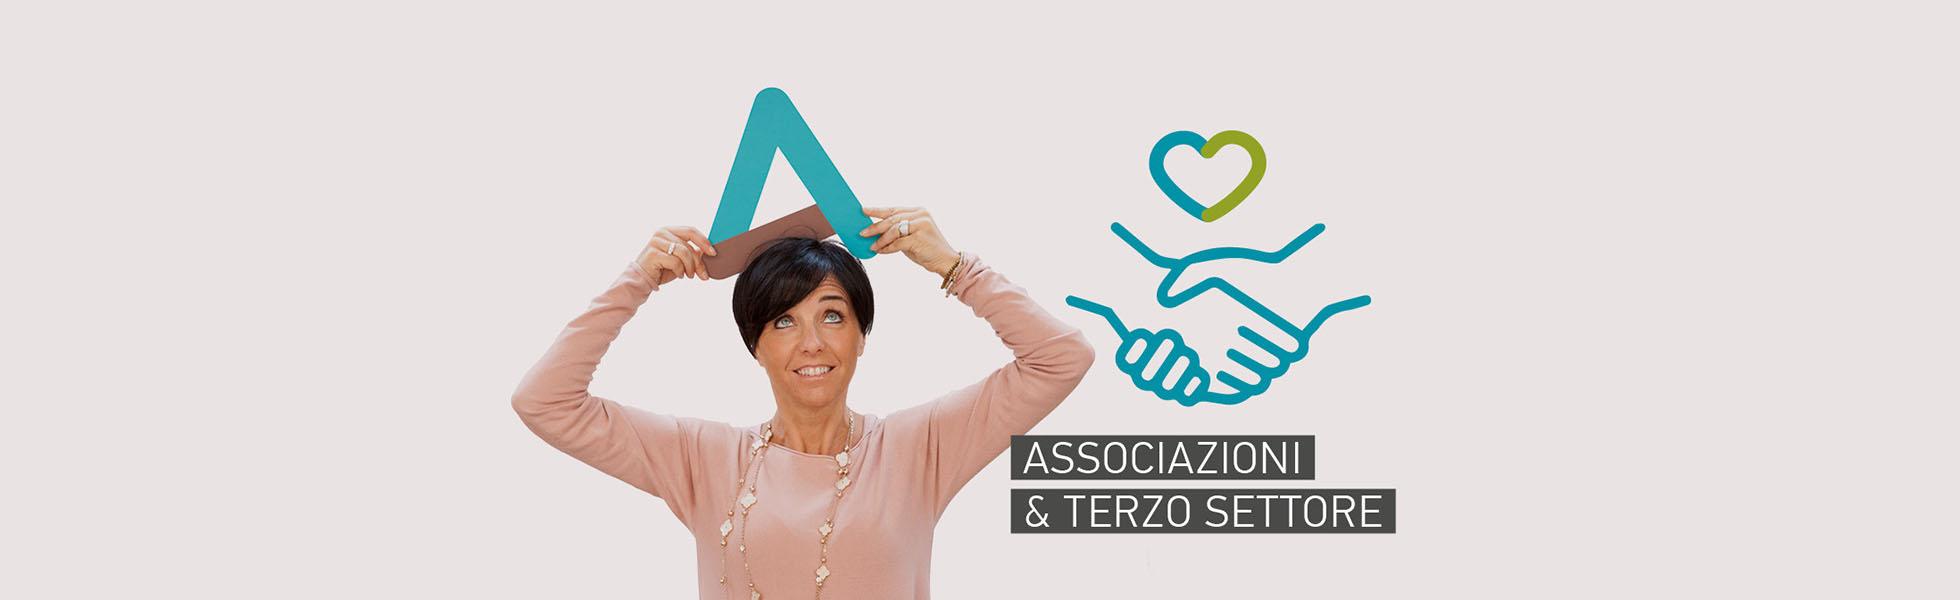 Associazioni e terzo settore_responsive